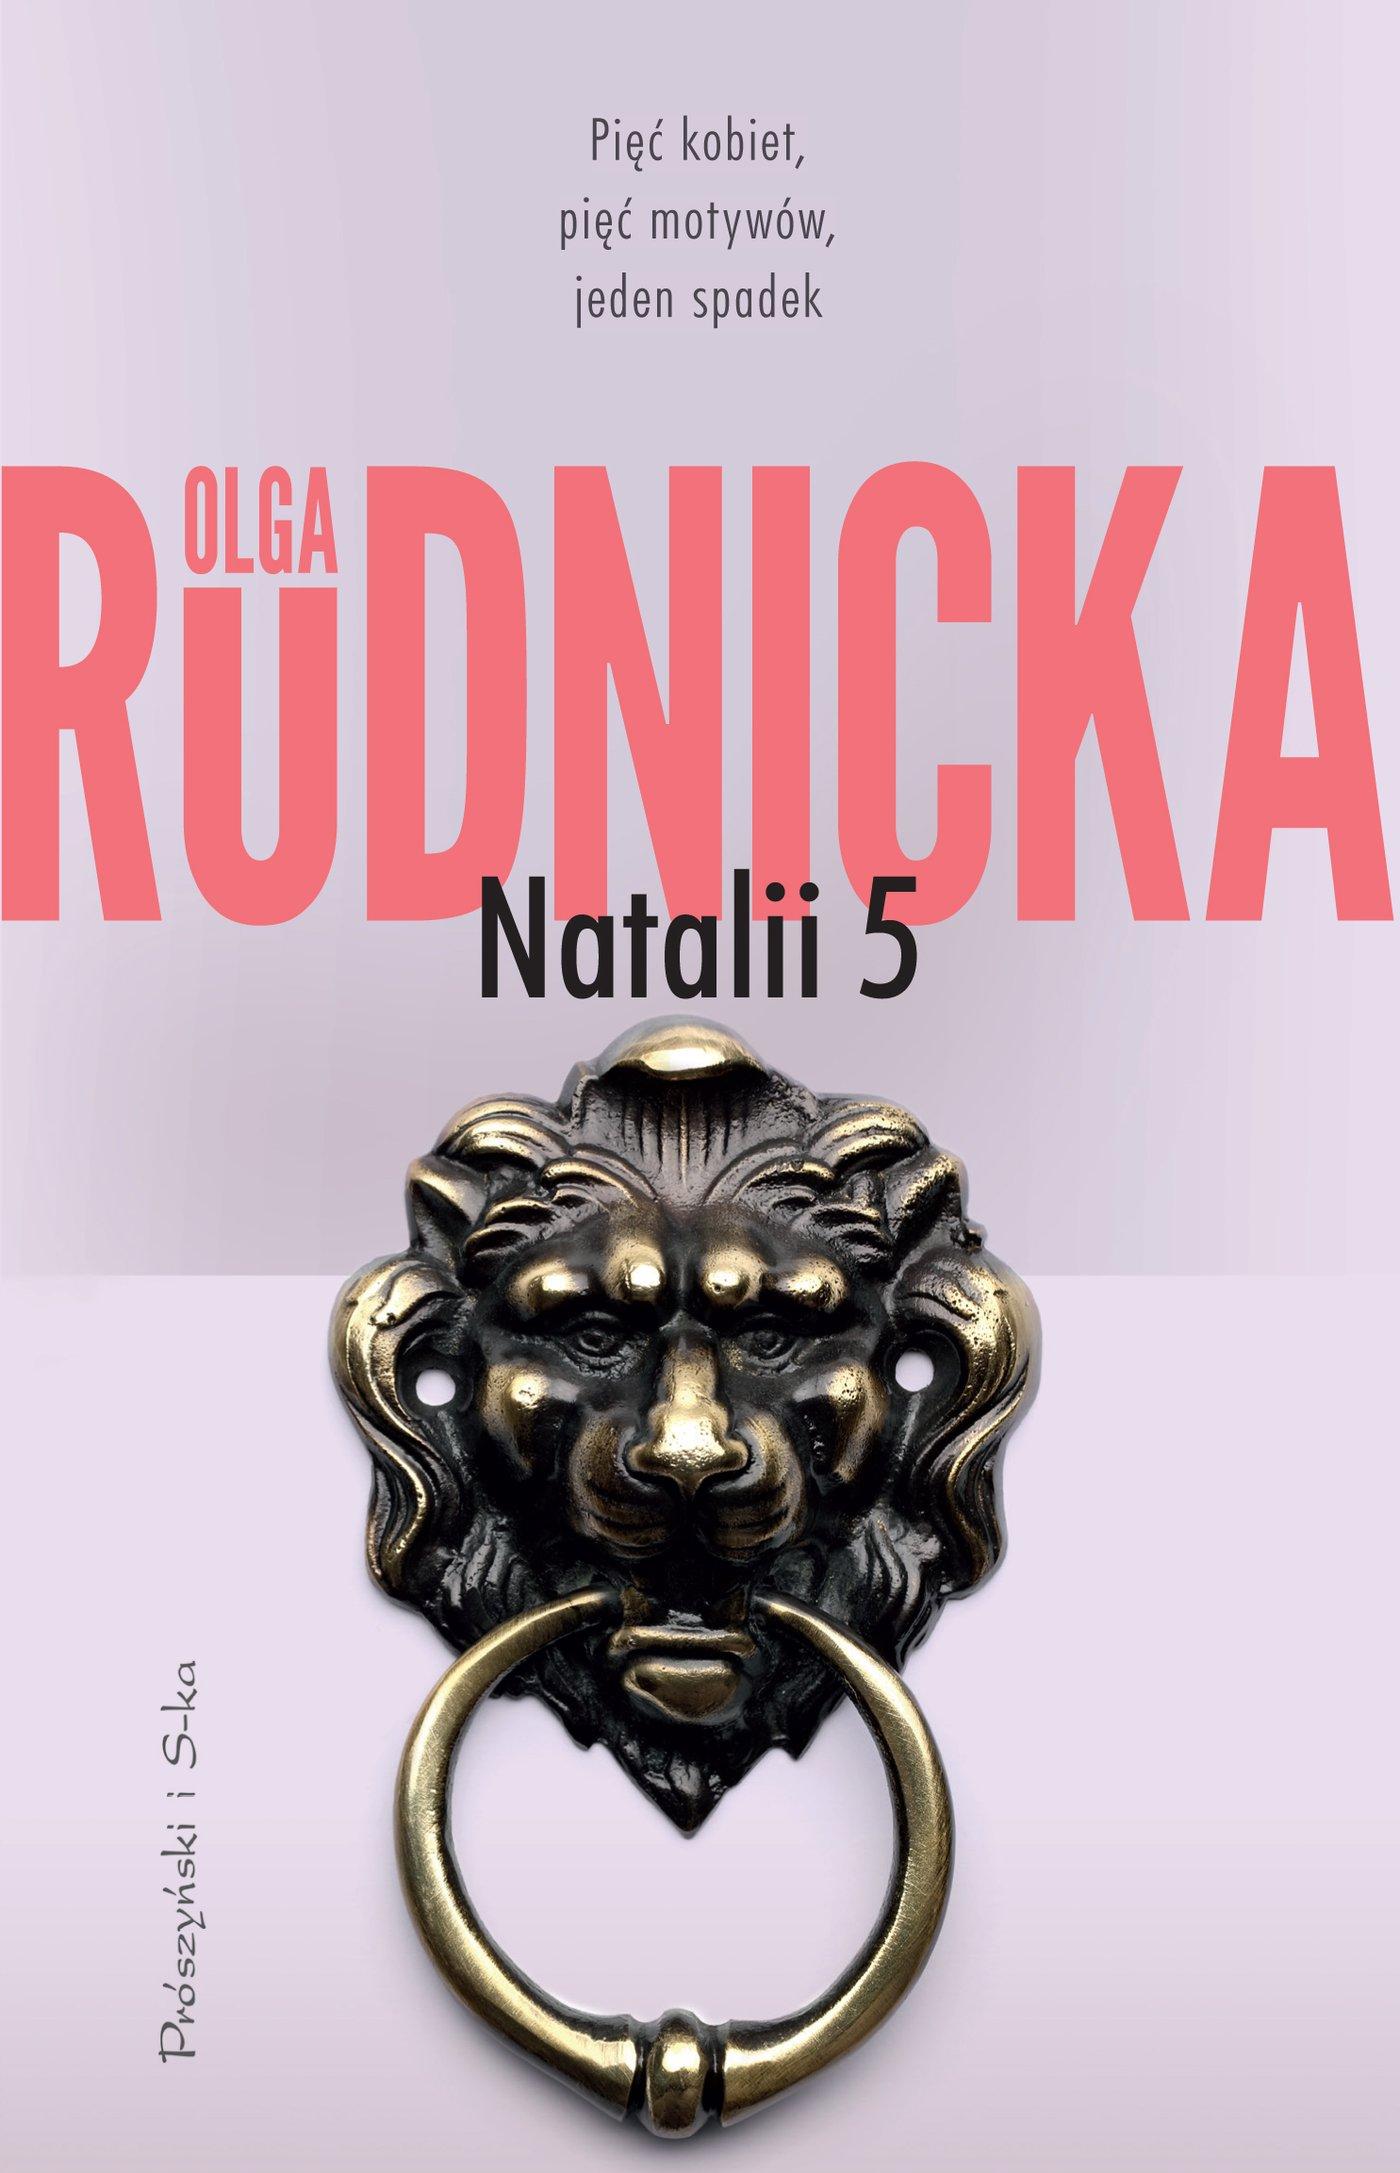 Natalii 5 - Ebook (Książka EPUB) do pobrania w formacie EPUB